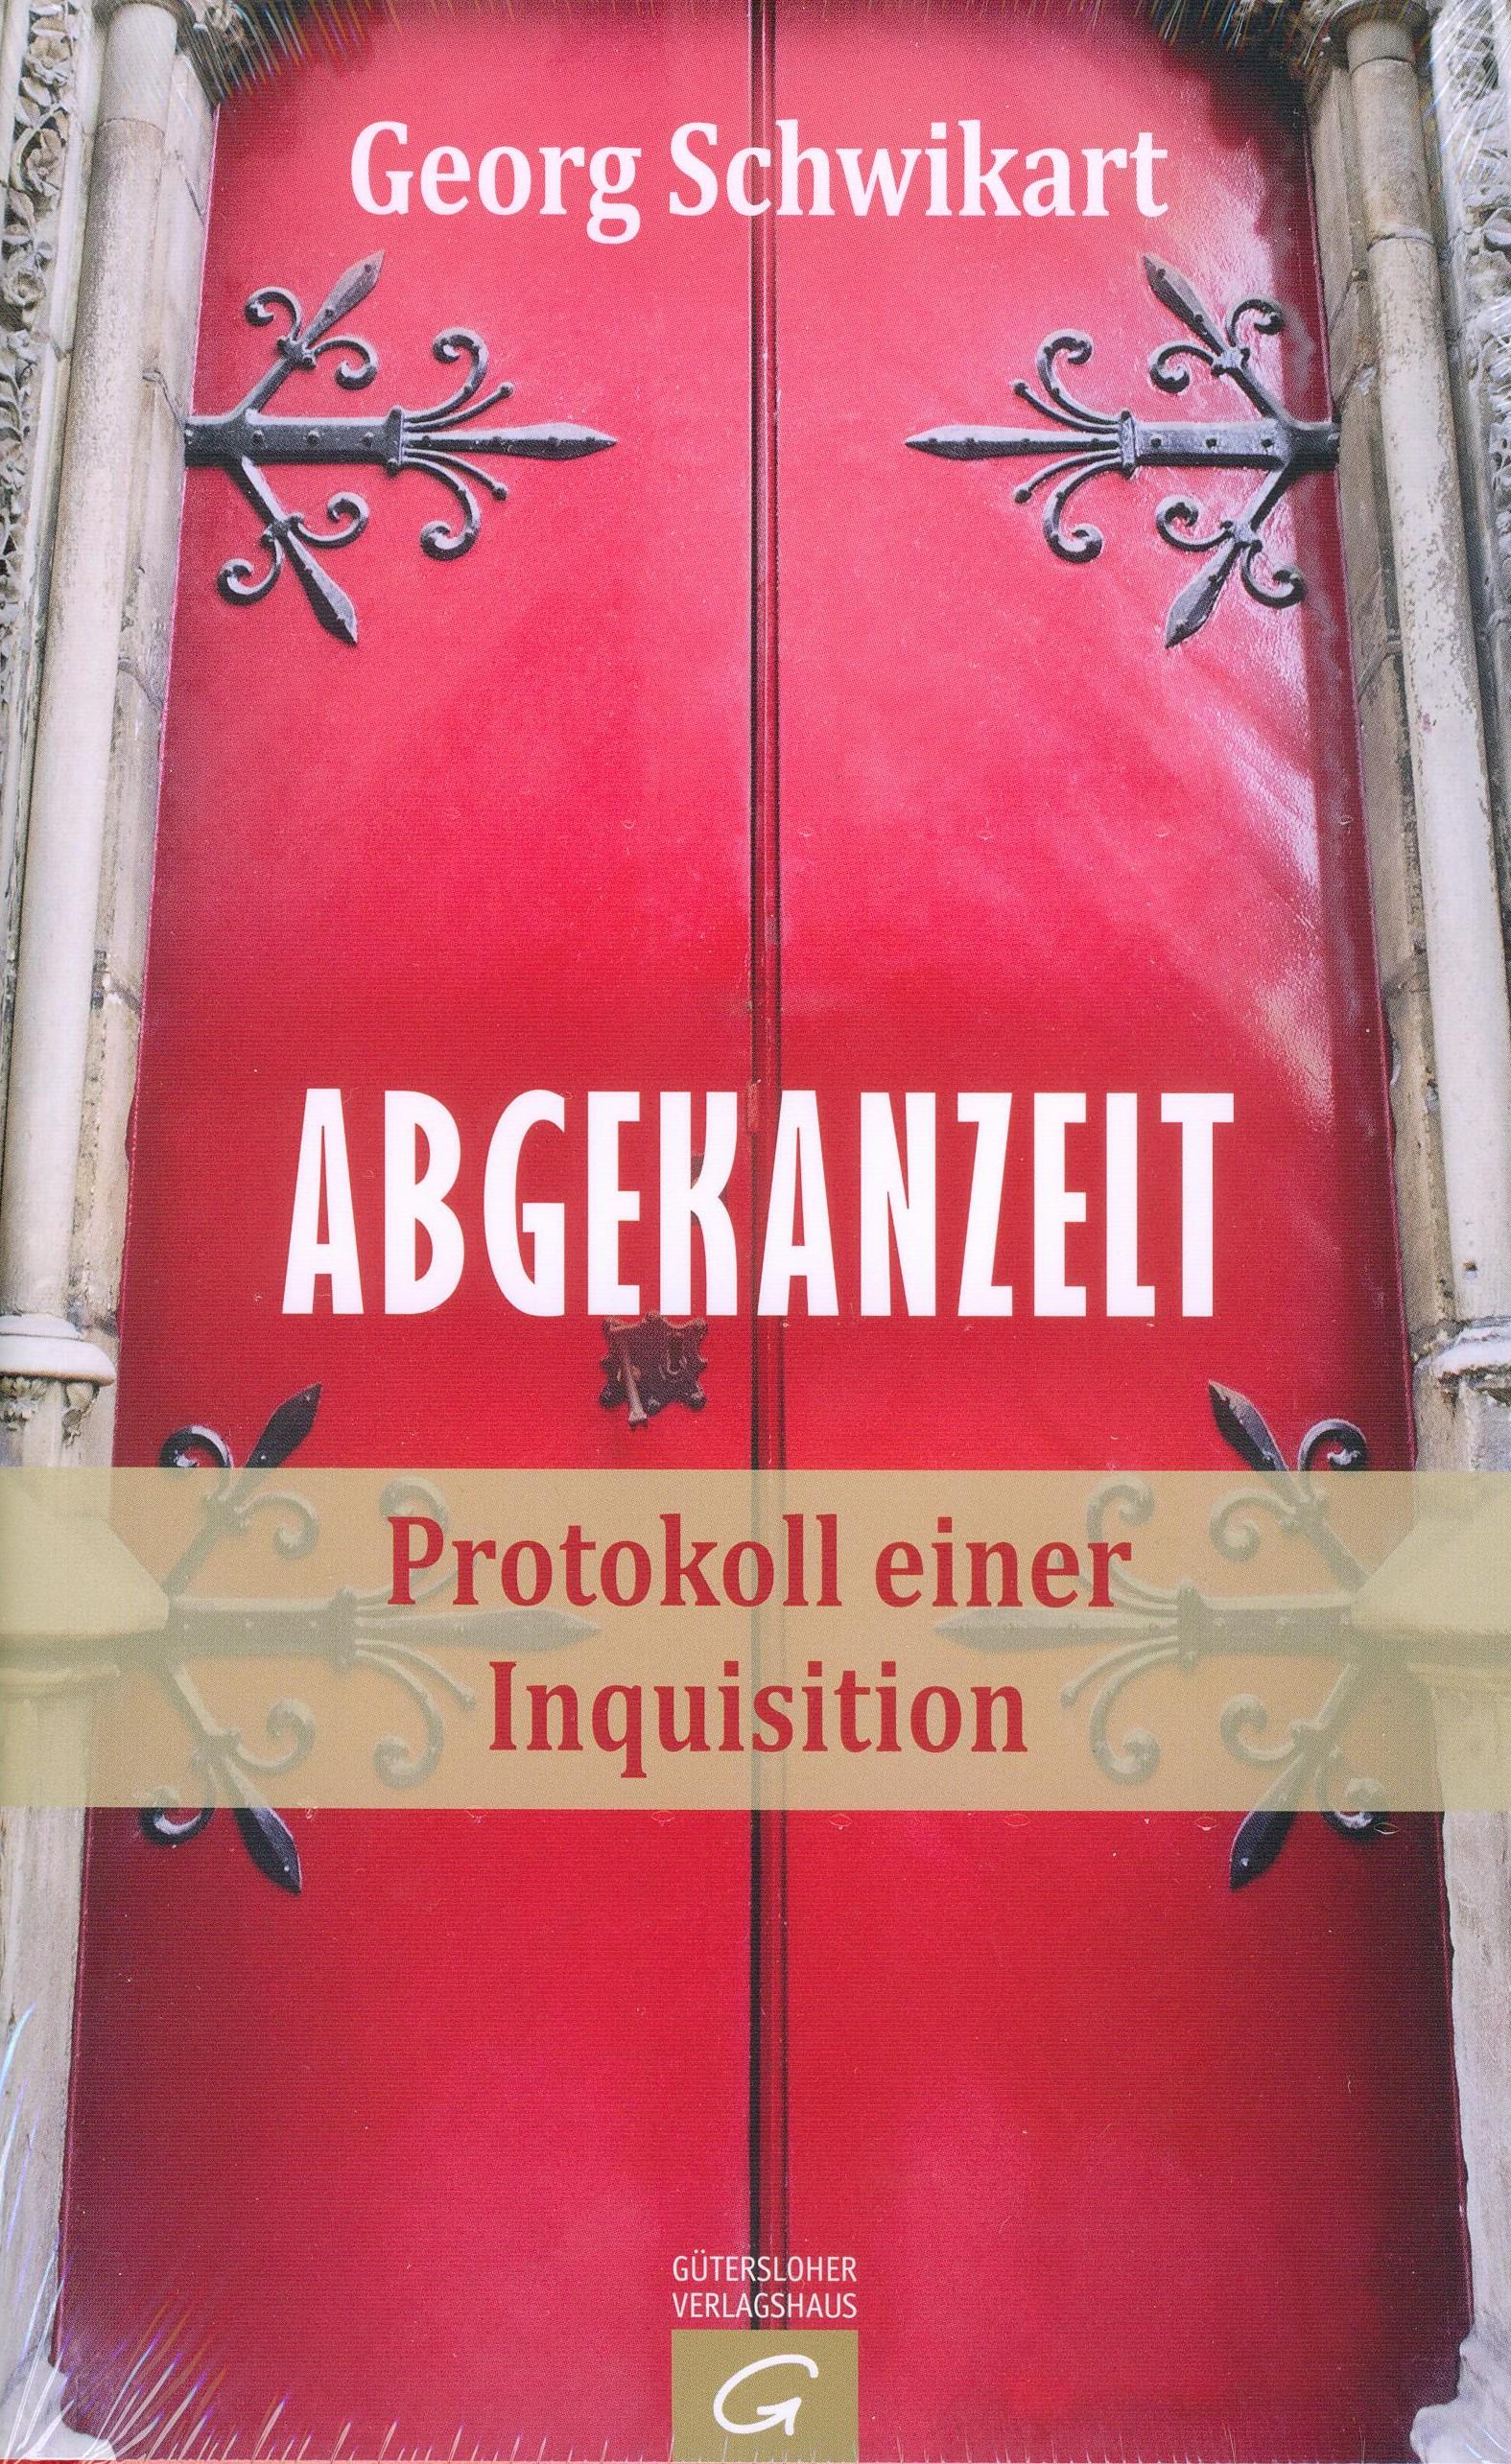 Cover: Abgekanzelt (Verschlossene, eisenbeschlagene Kirchentür)